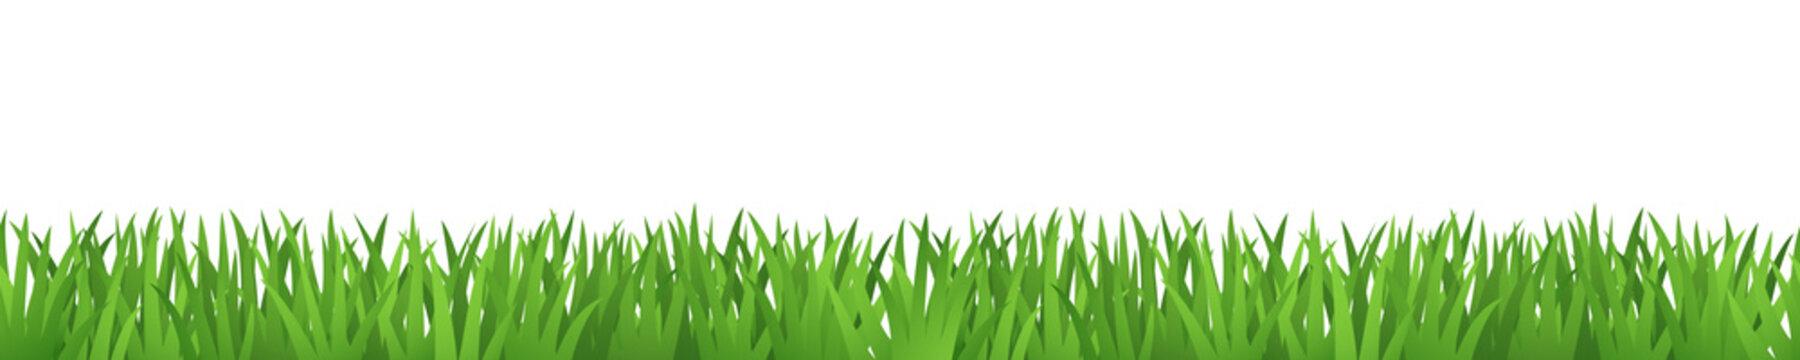 Gras Banner Hintergrund wiederholend